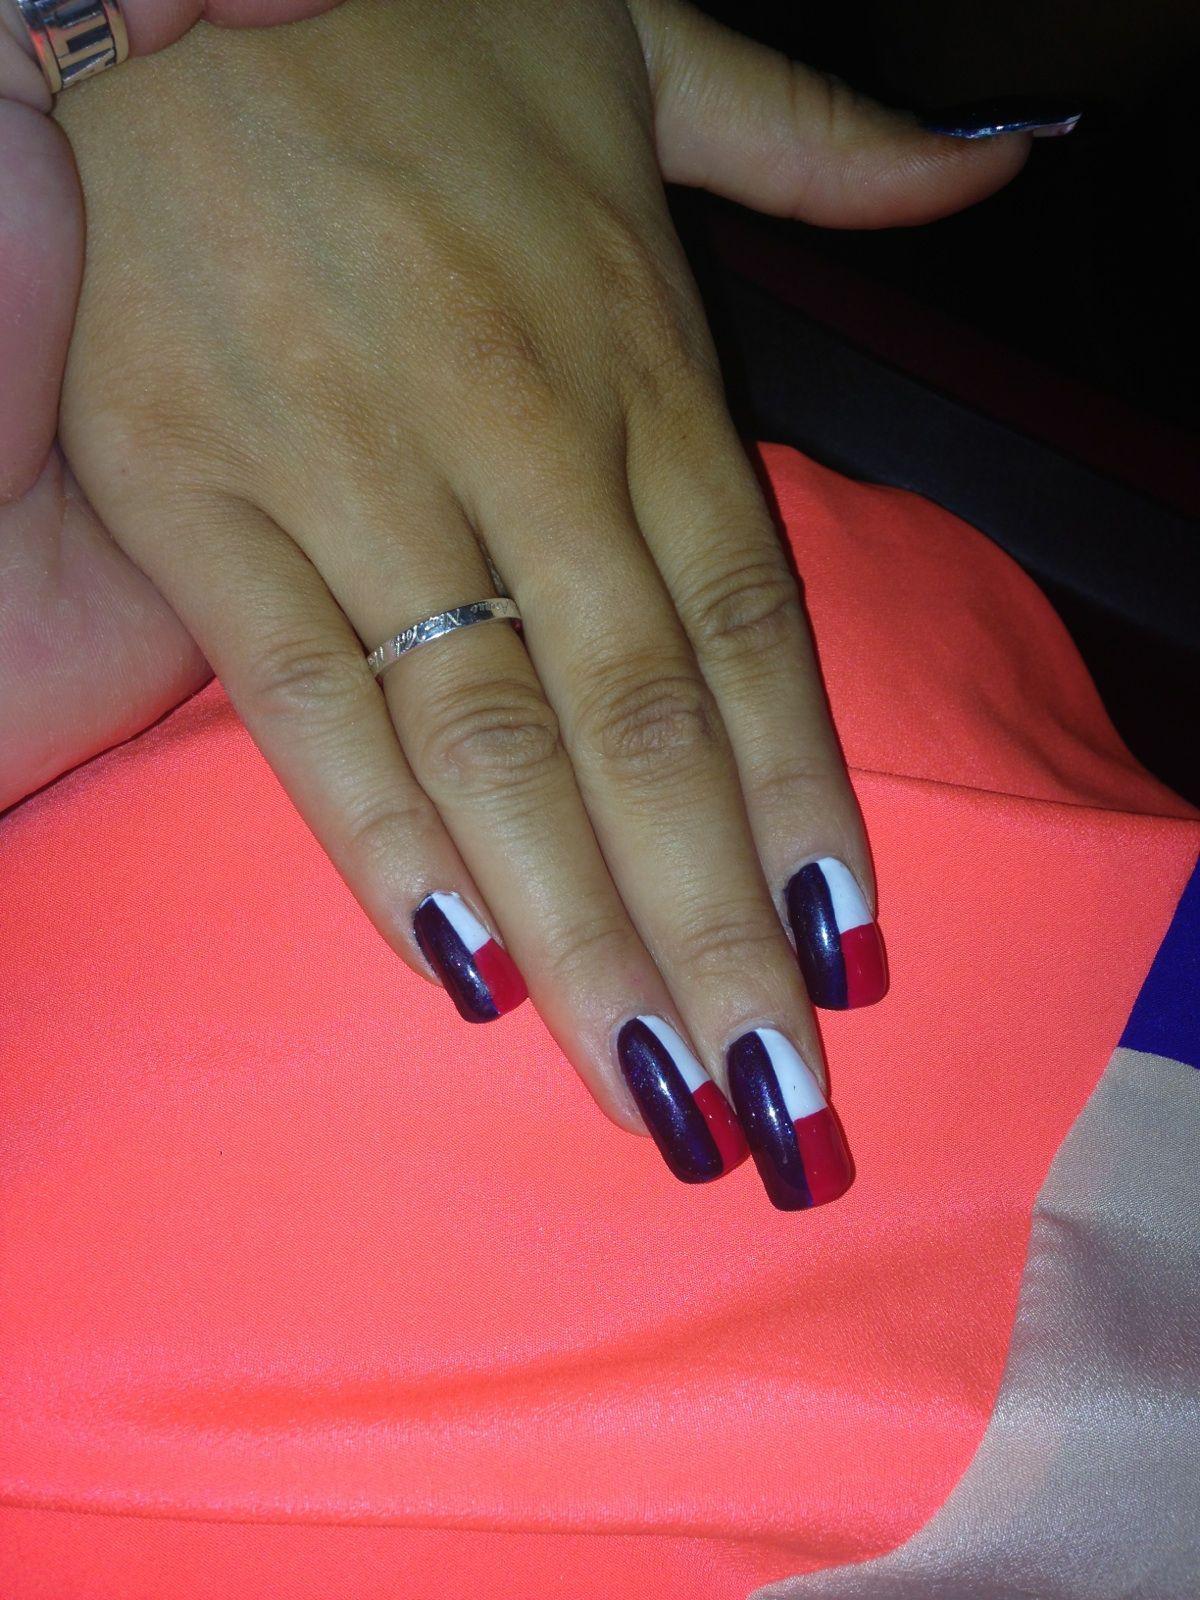 Texas flag nails | Nailsss | Pinterest | Flag nails, Texas nails and ...